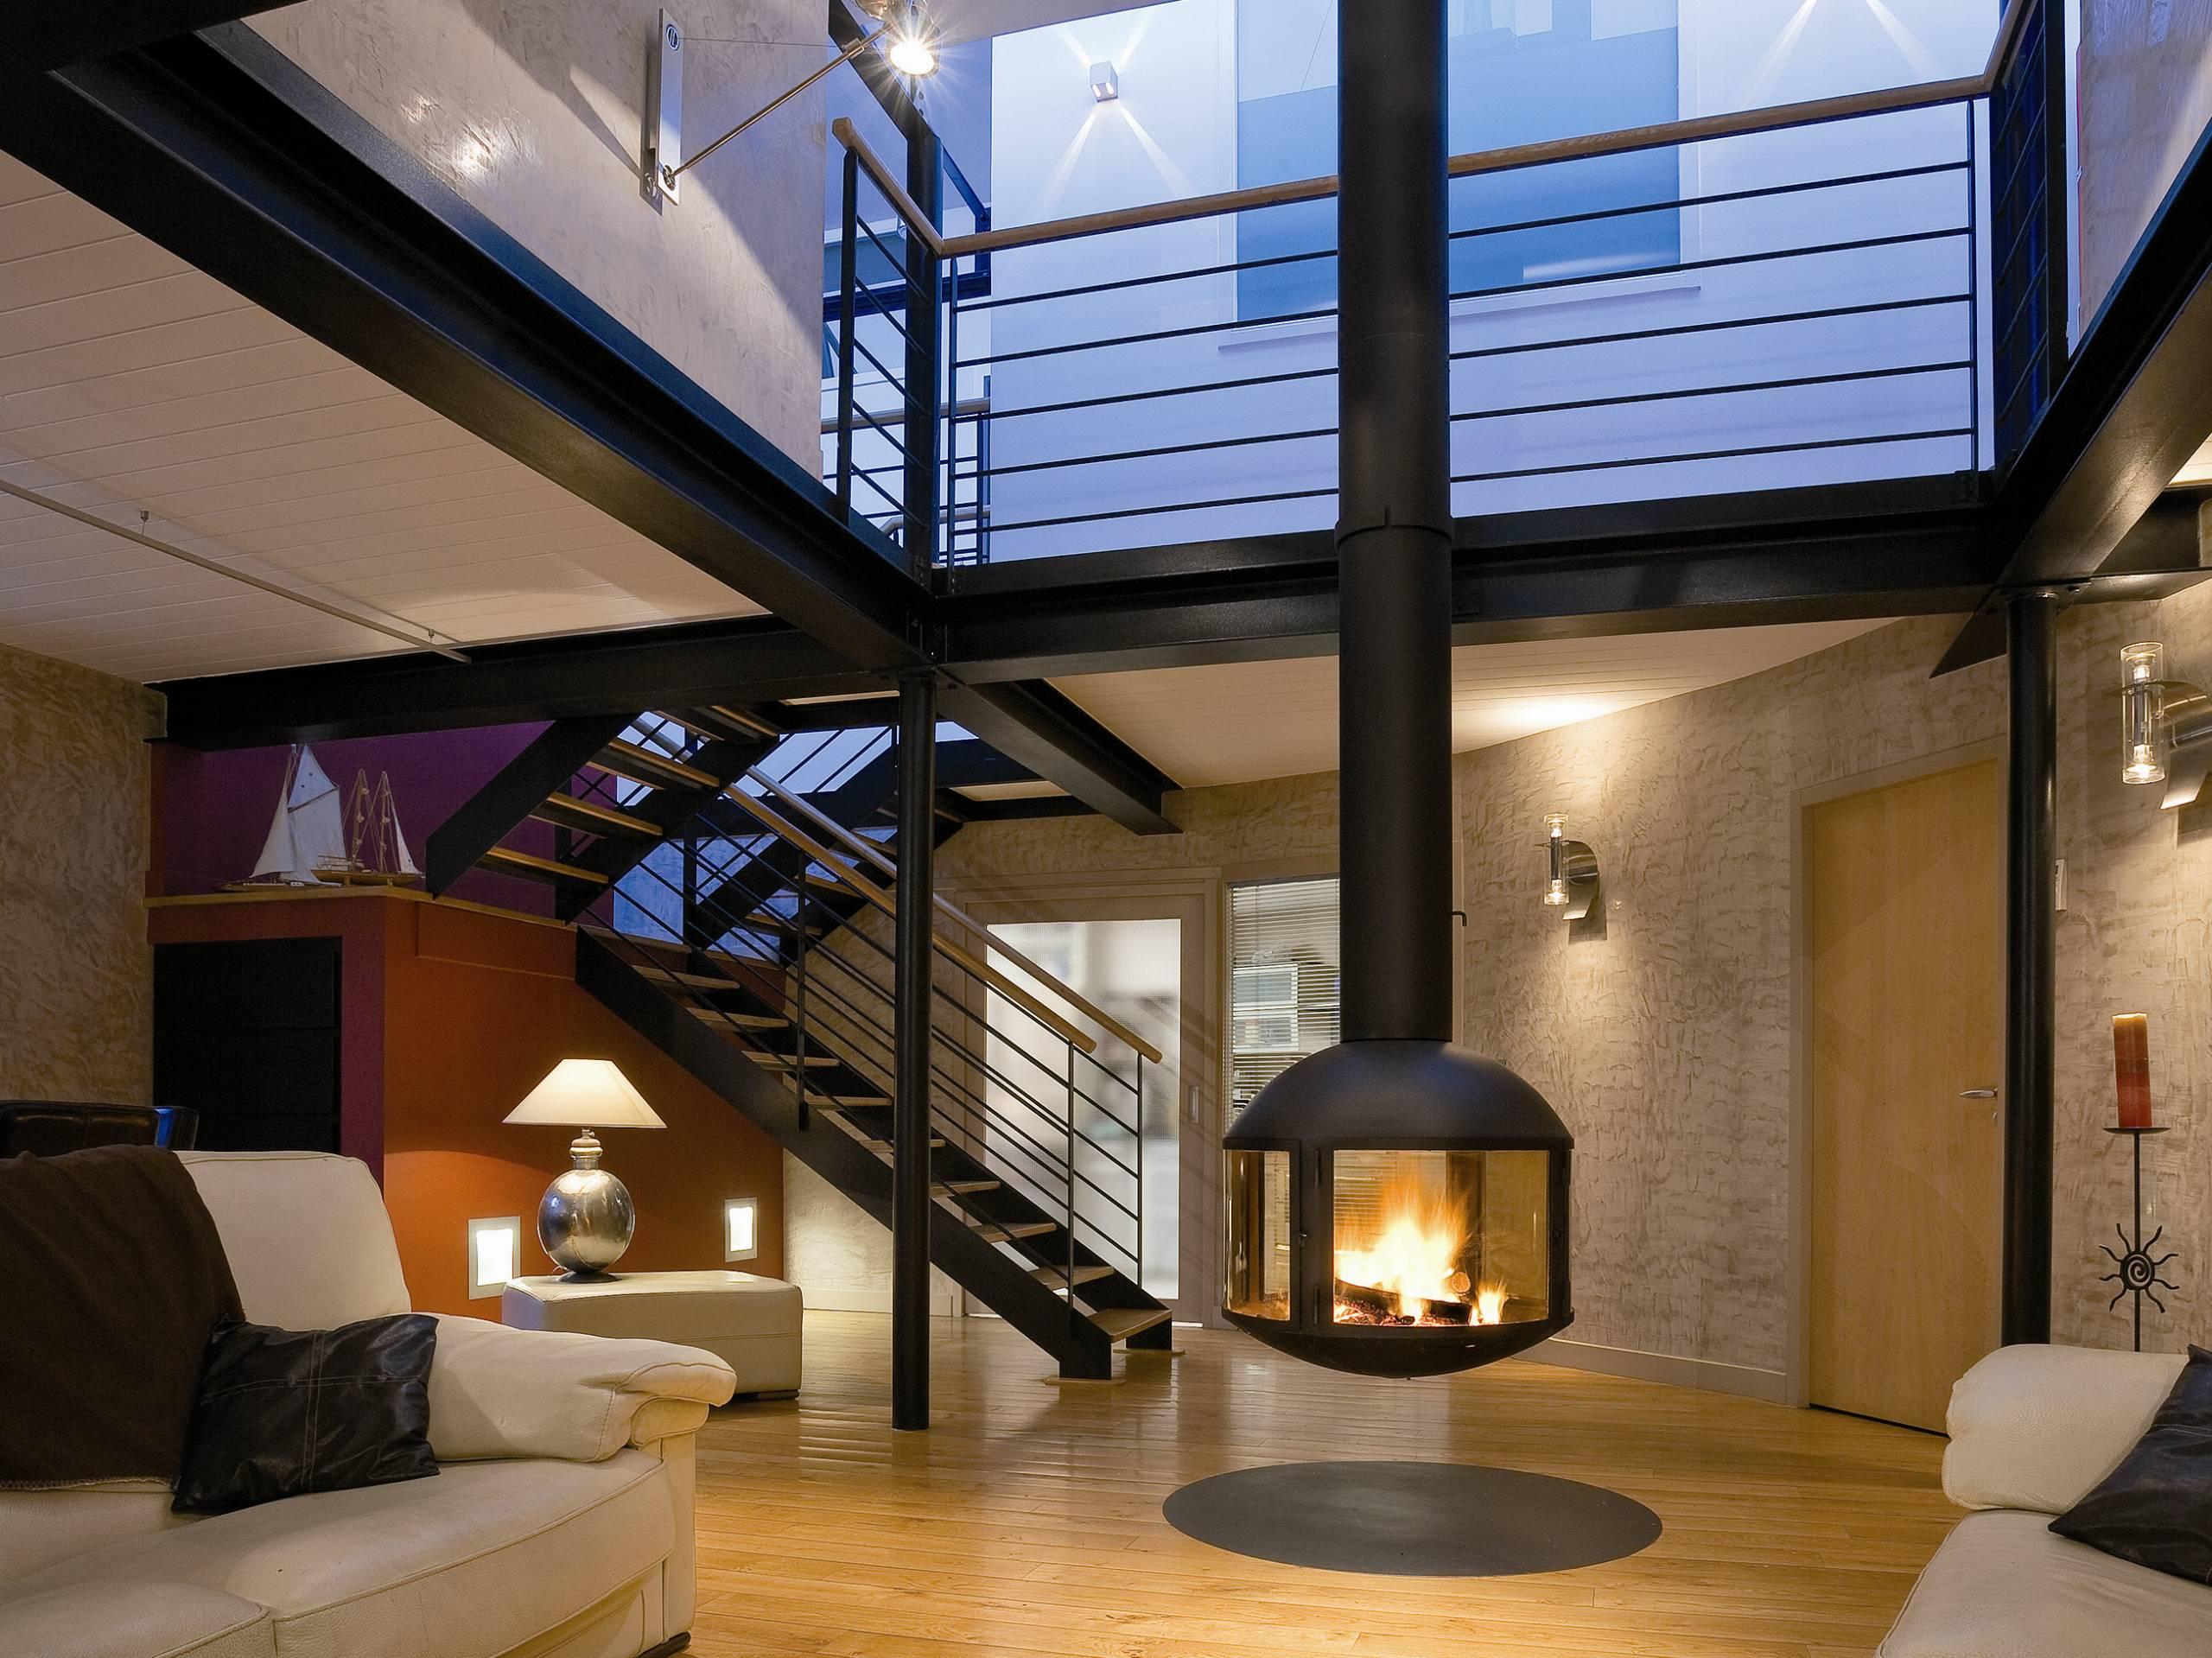 Печь камин для дома: рейтинг, какие можно сделать, выбрать лучший дымоход, пеллетные современные, фото с теплообменником, лежанкой